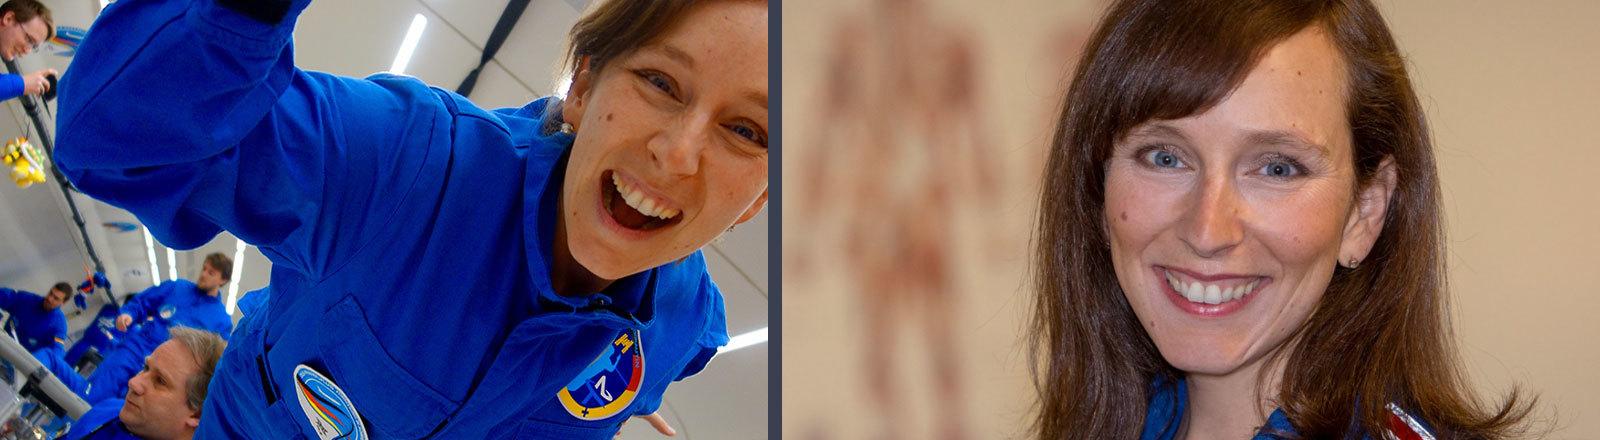 Frau im Raumfahrer-Outfit